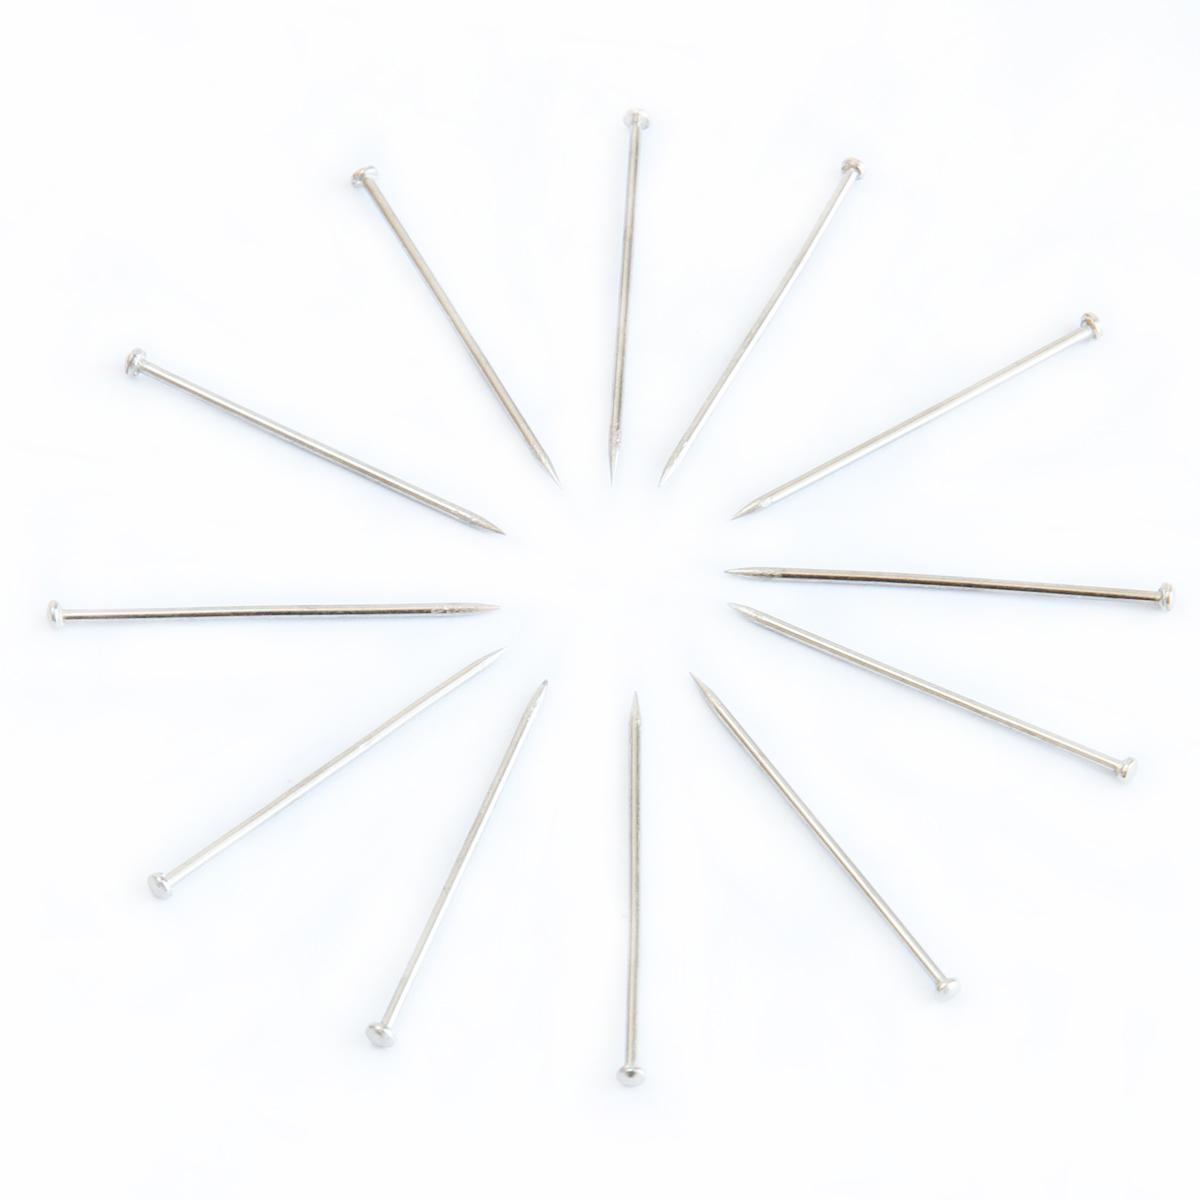 得力 0039(DeLi)3#大头针直别针约200根一桶 桶装办公大头针